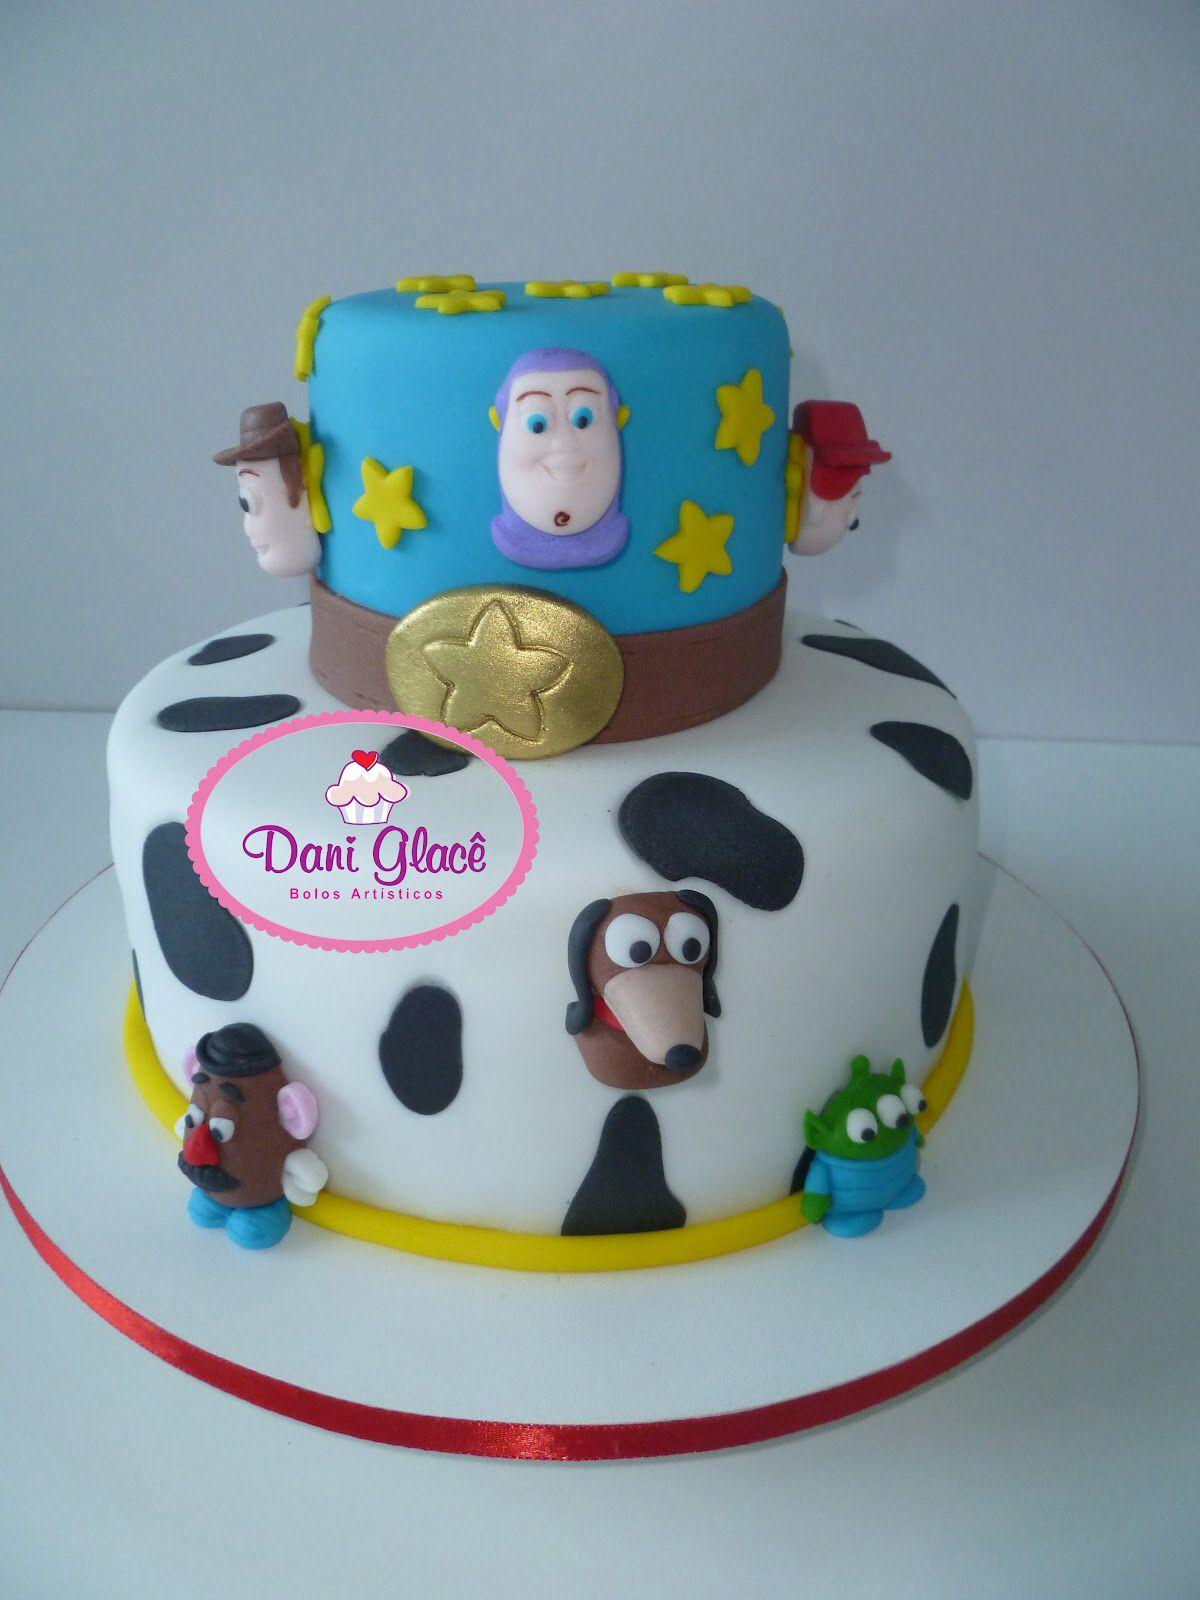 Toy Story Cake by Dani Leal www.daniglace.blogspot.com